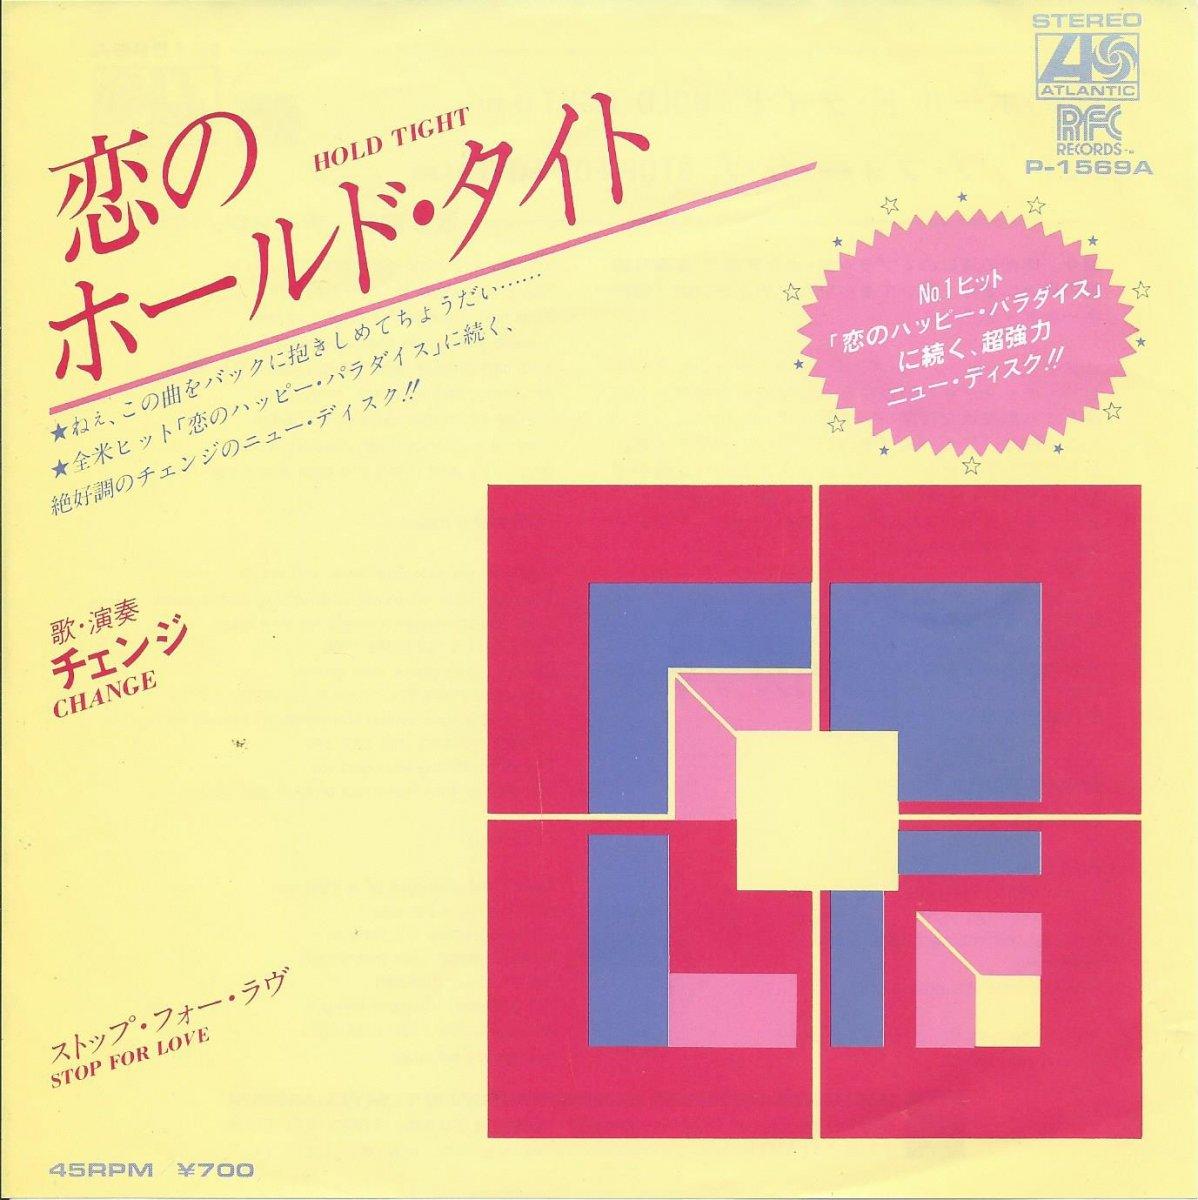 チェンジ CHANGE / 恋のホールド・タイト HOLD TIGHT (7